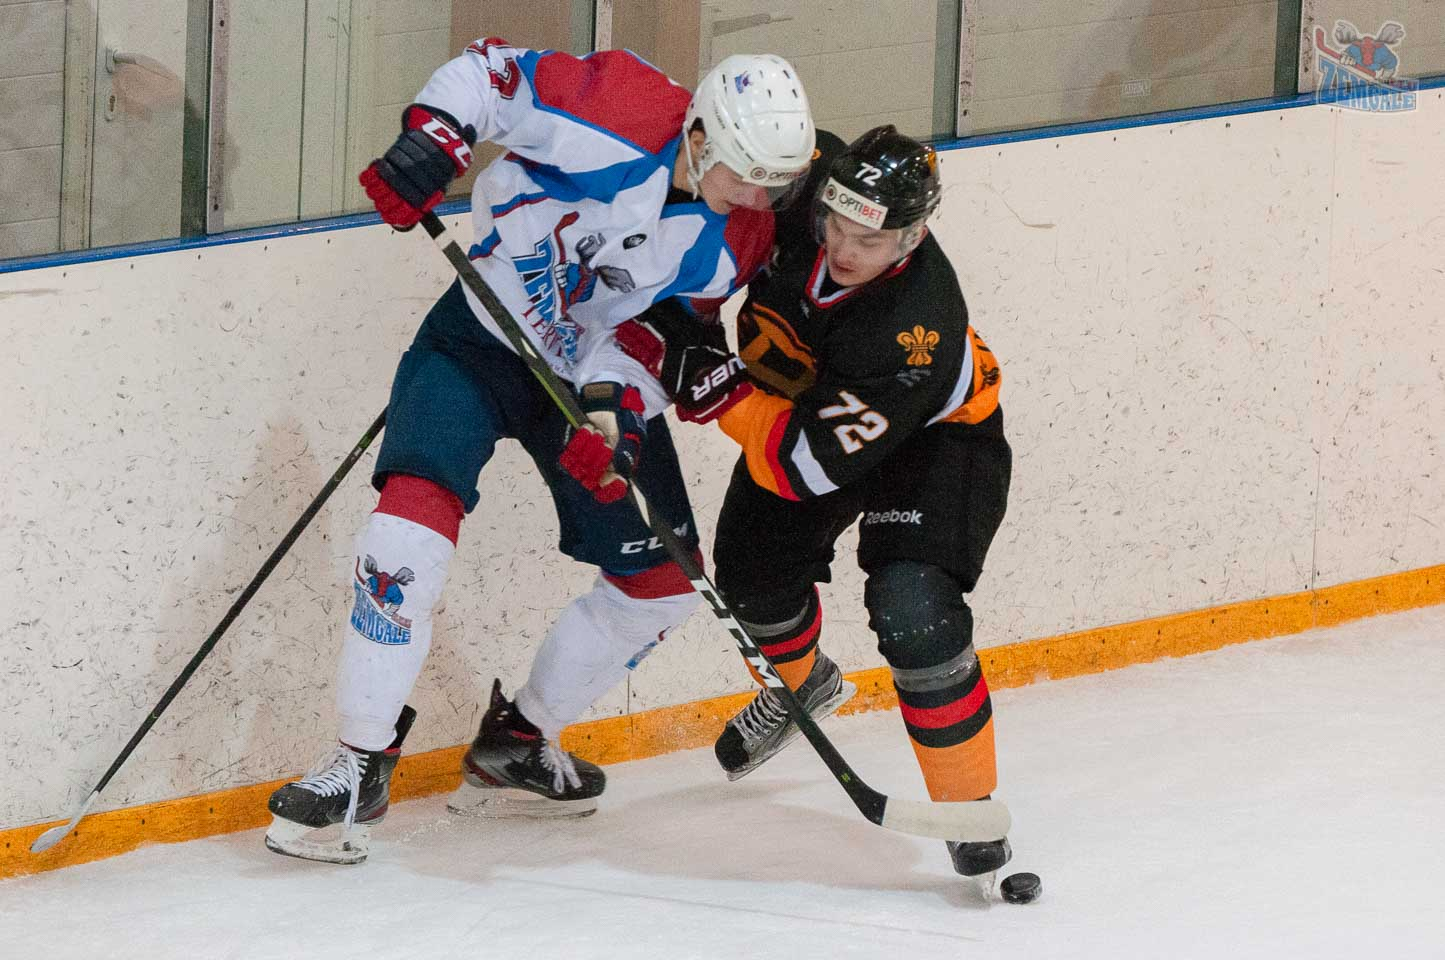 Hokejisti pie borta cīnās par ripu